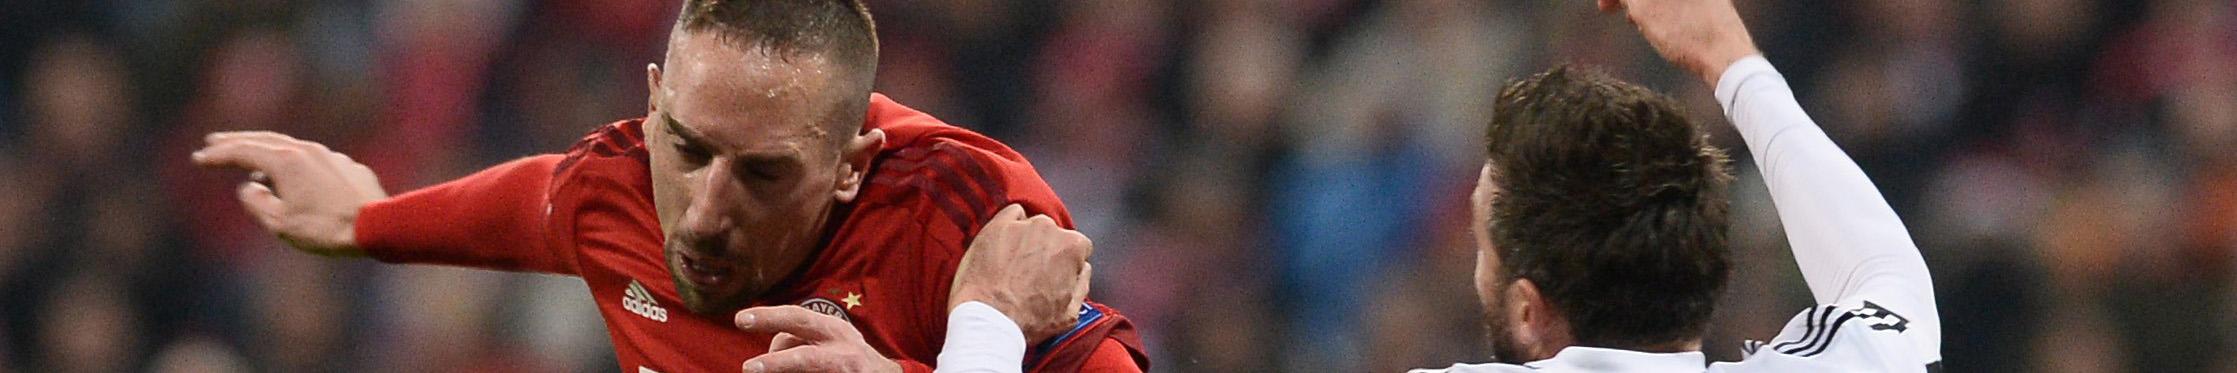 ICC: Juventus Turin - FC Bayern: Duell der Serienmeister